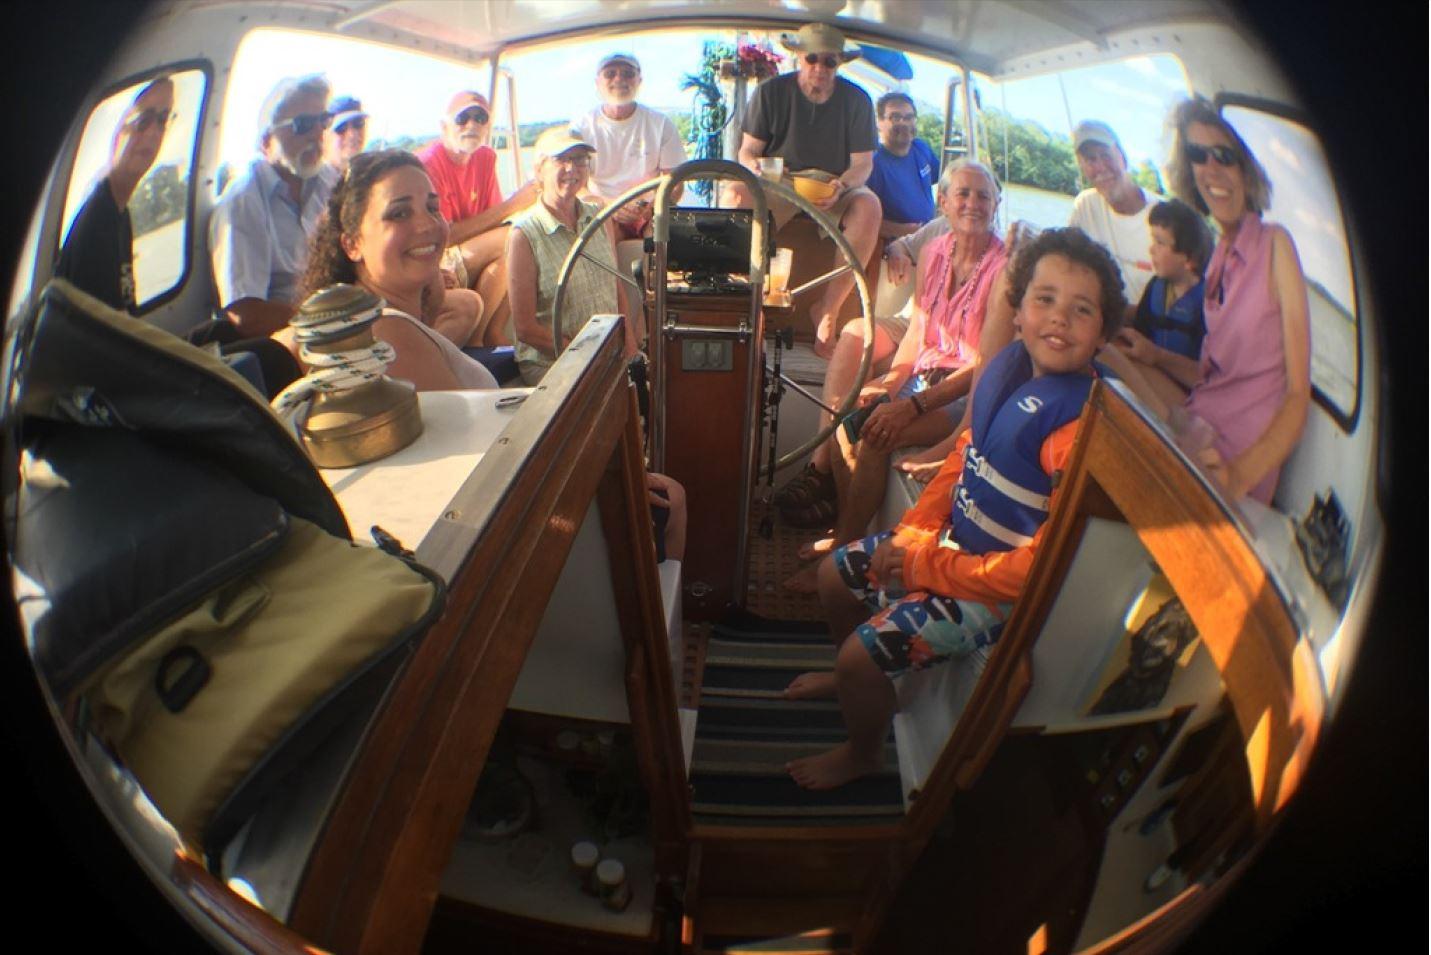 Dickerson sailors aboard Down Home through a fish-eye lens